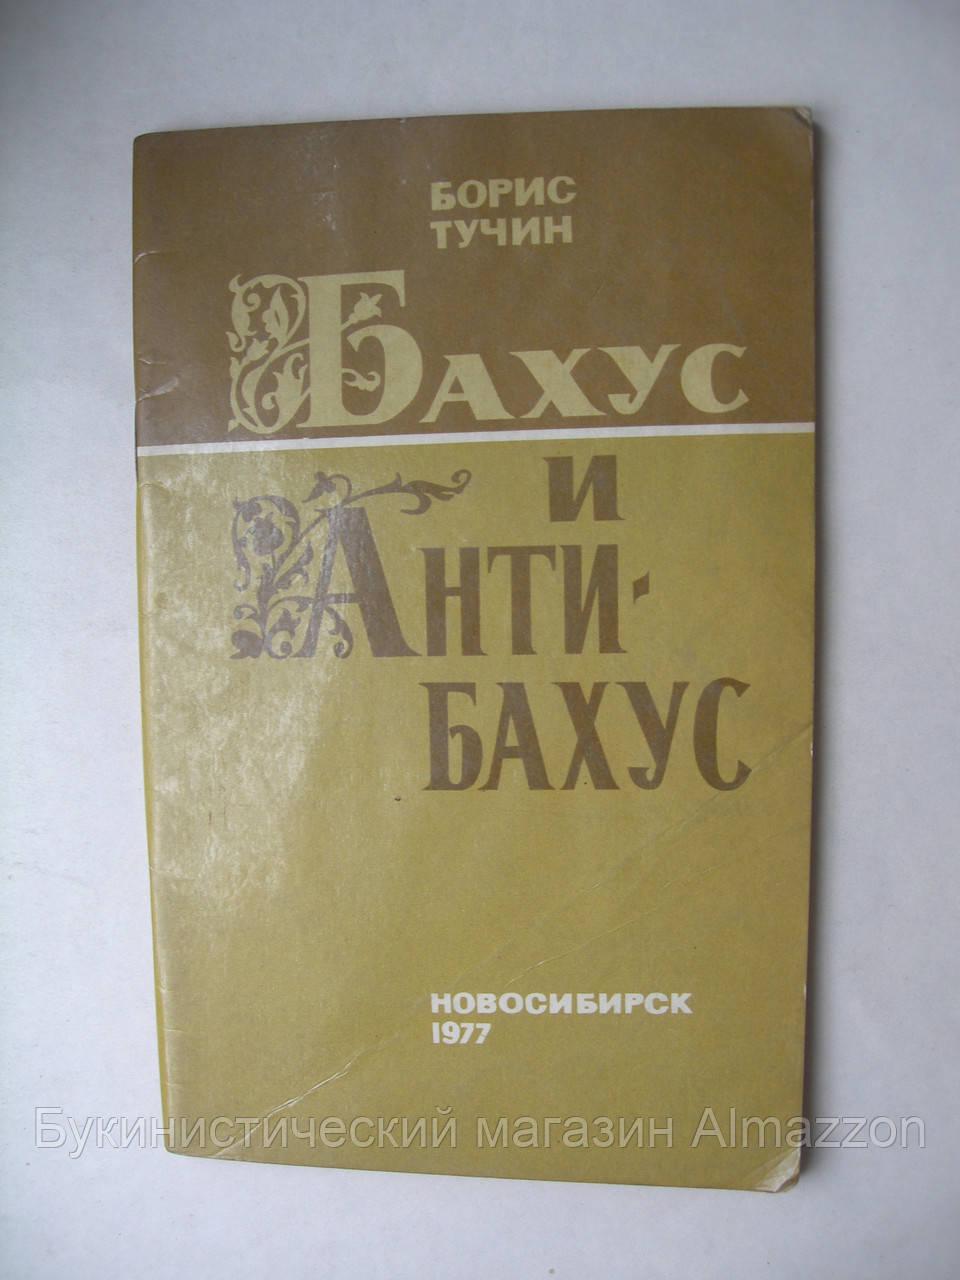 """Тучин Борис """"Бахус и Антибахус"""" Пропаганда"""